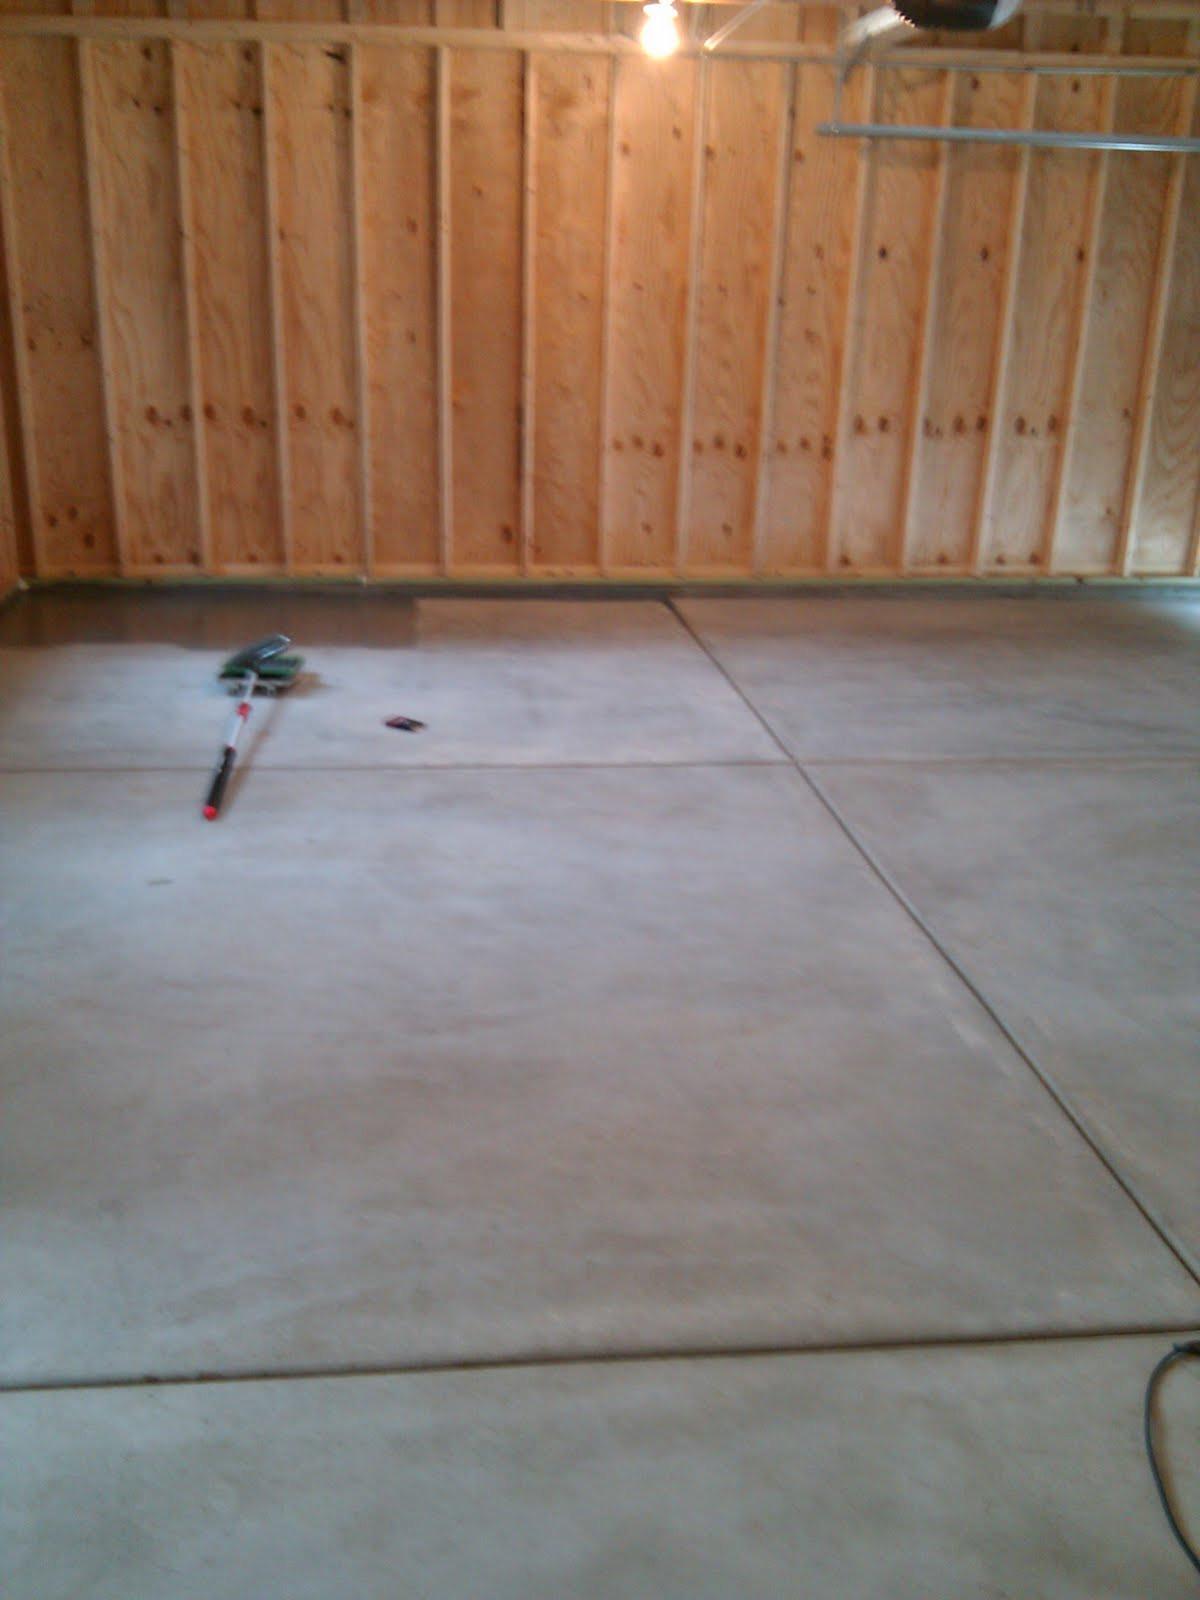 Best ideas about DIY Garage Floor Epoxy . Save or Pin Garage Floor DIY Epoxy Floor Kit from Rust oleum Now.